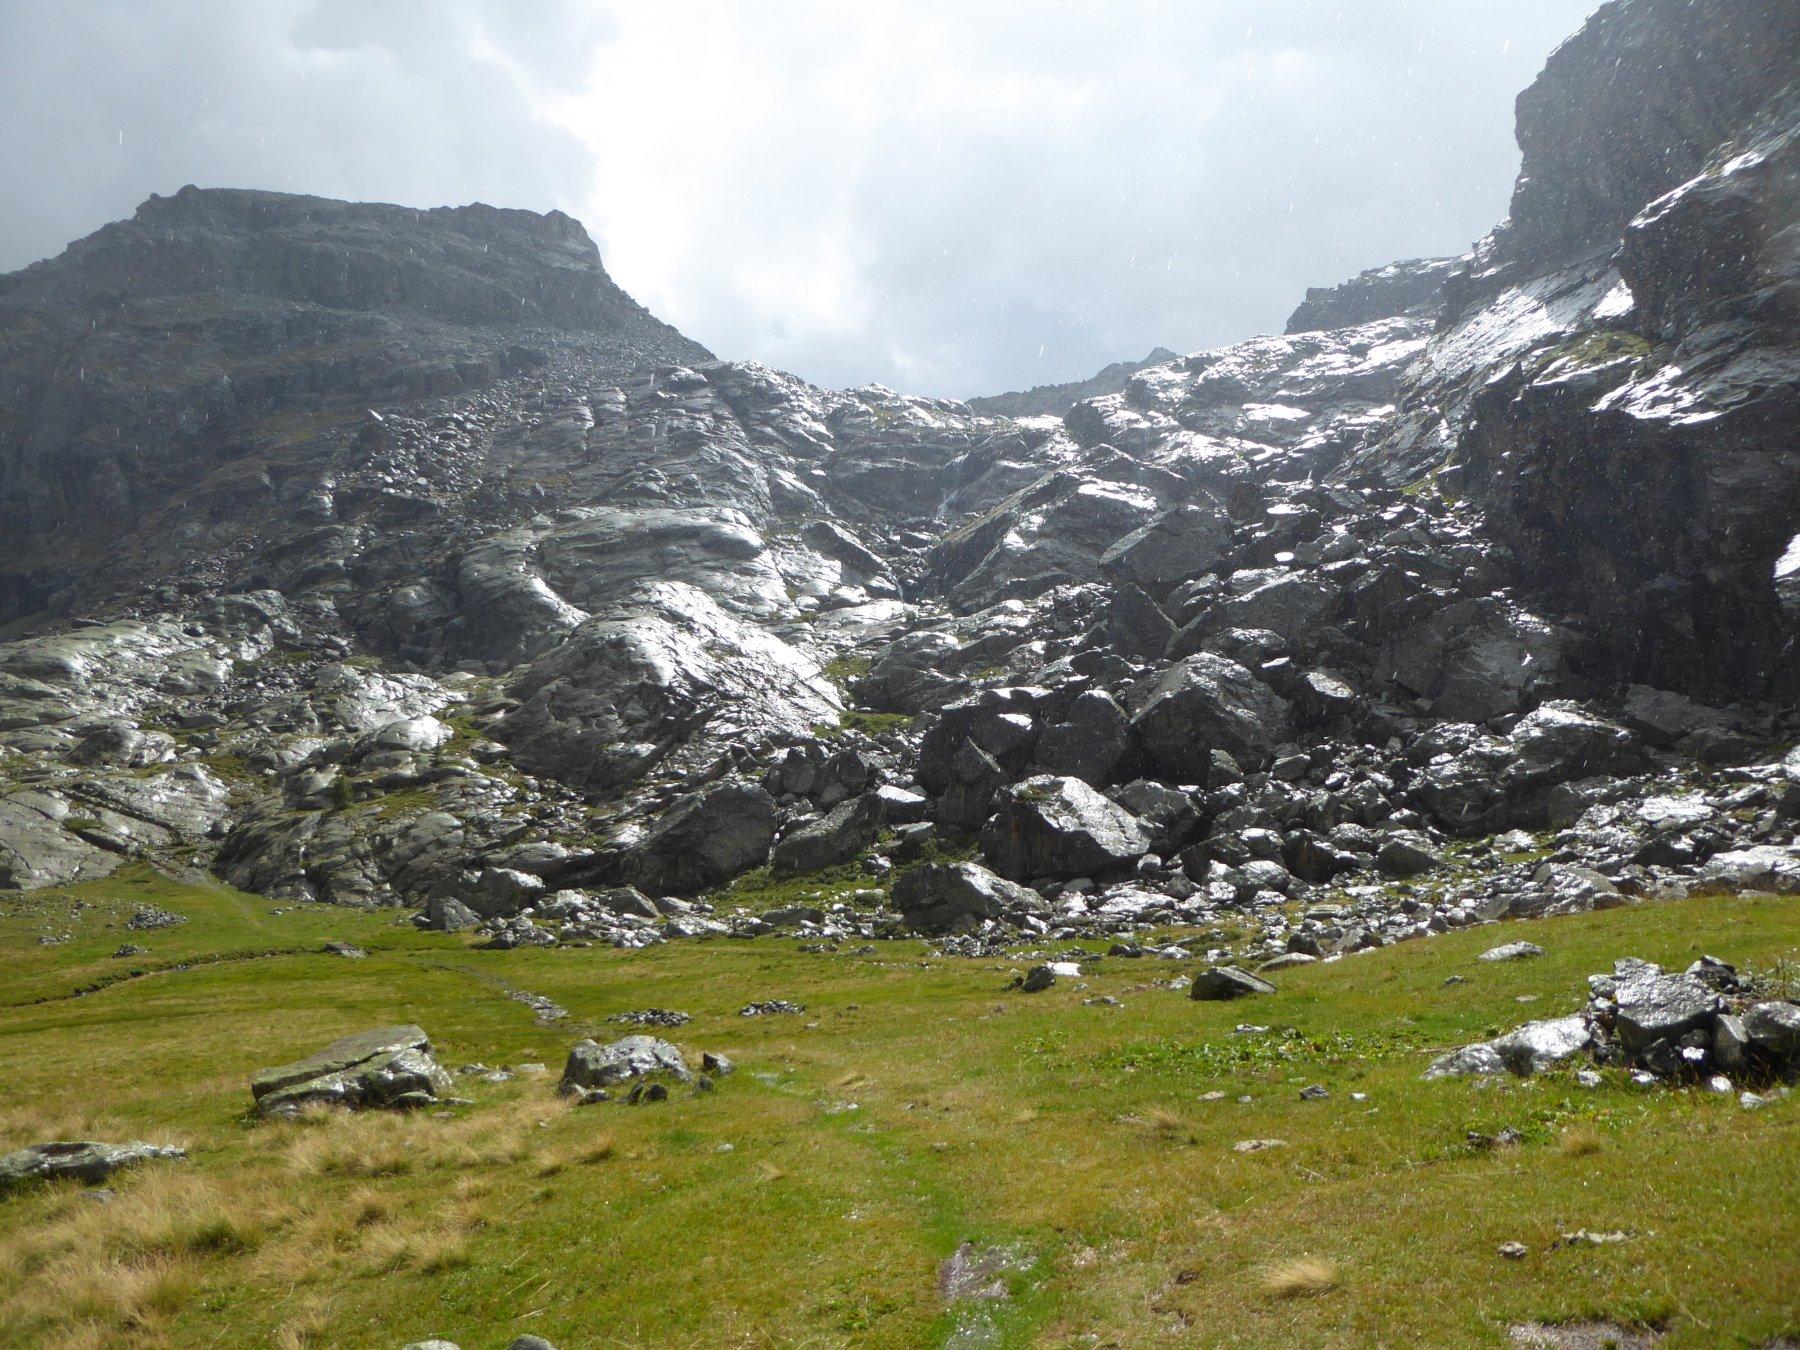 dopo la pioggia: la luccicante bastionata rocciosa sopra il pianoro dell'alpe Pisonnet